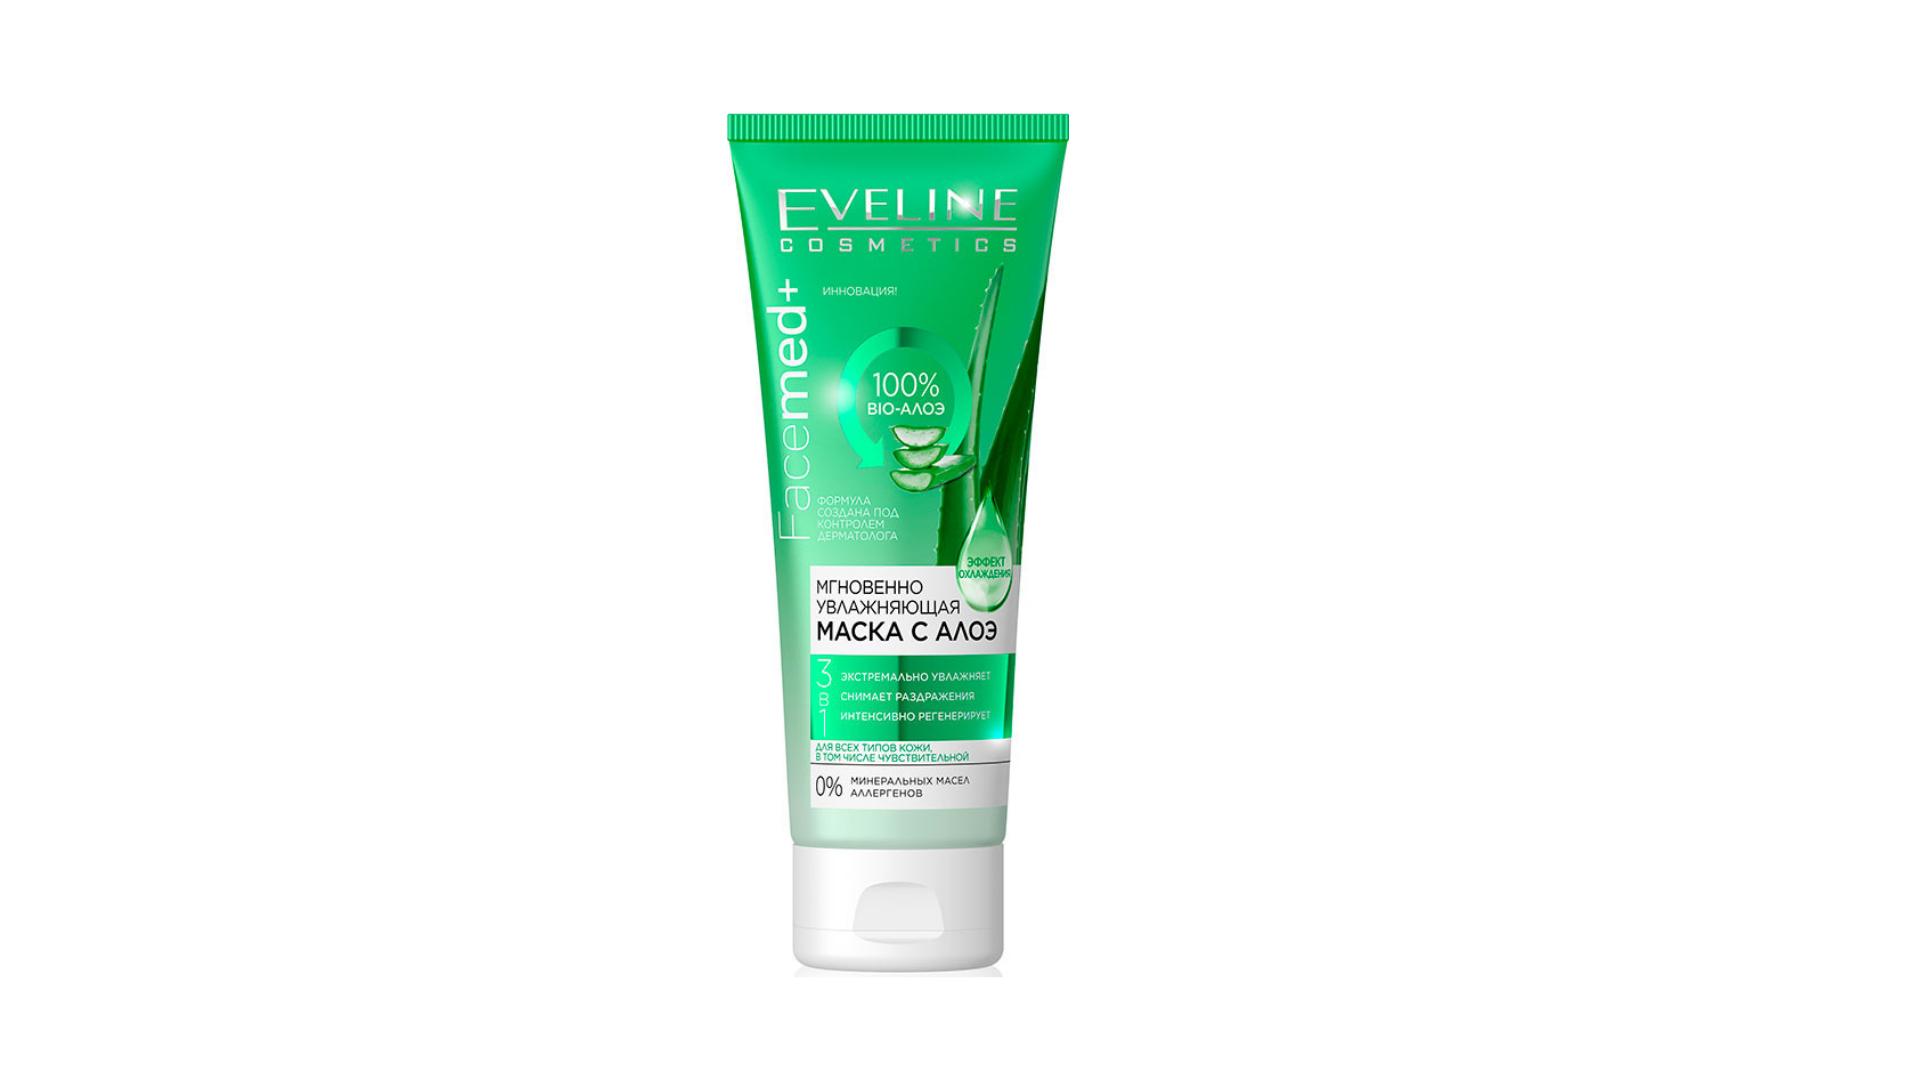 Мгновенно увлажняющая маска, Eveline Cosmetics